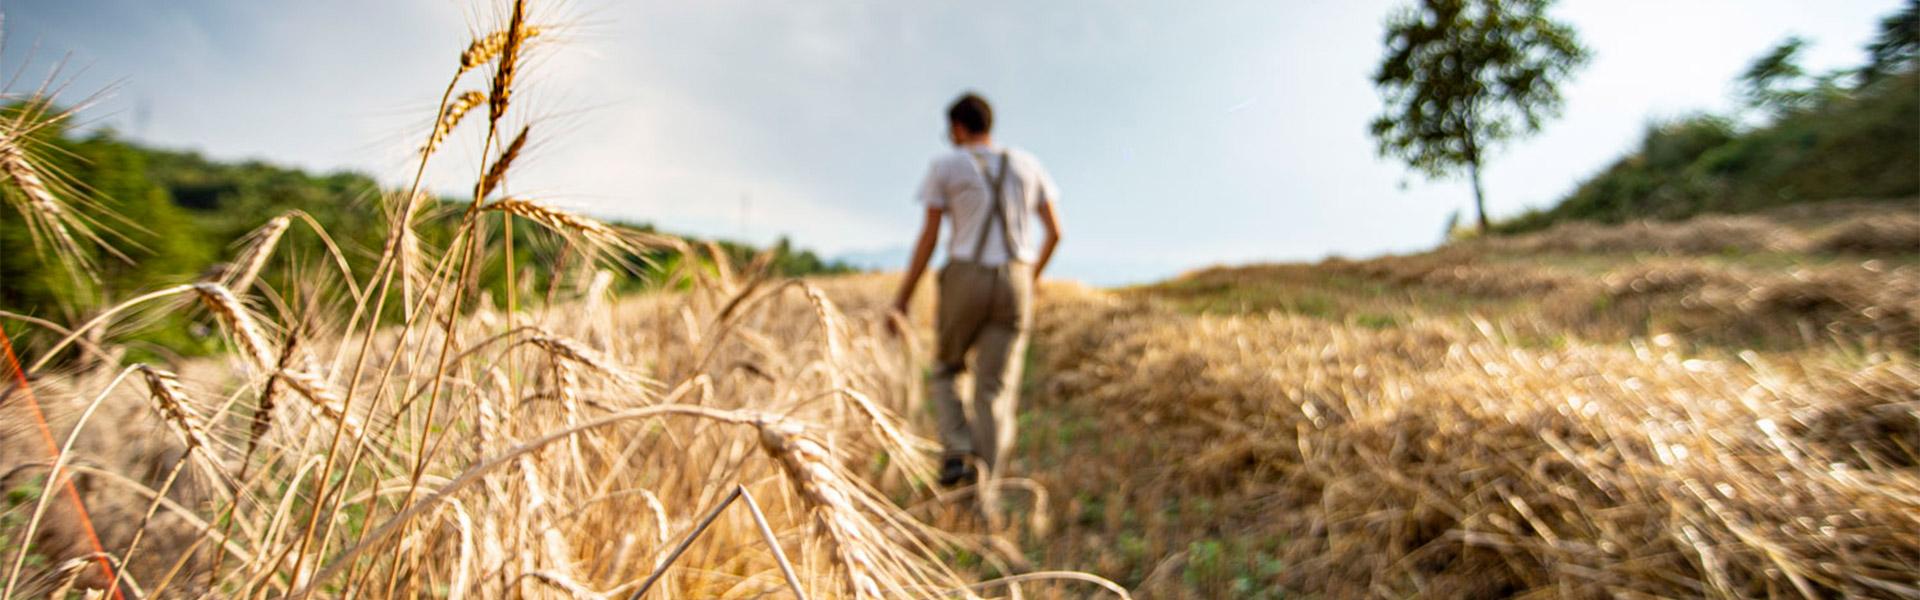 Passeggiata nei campi